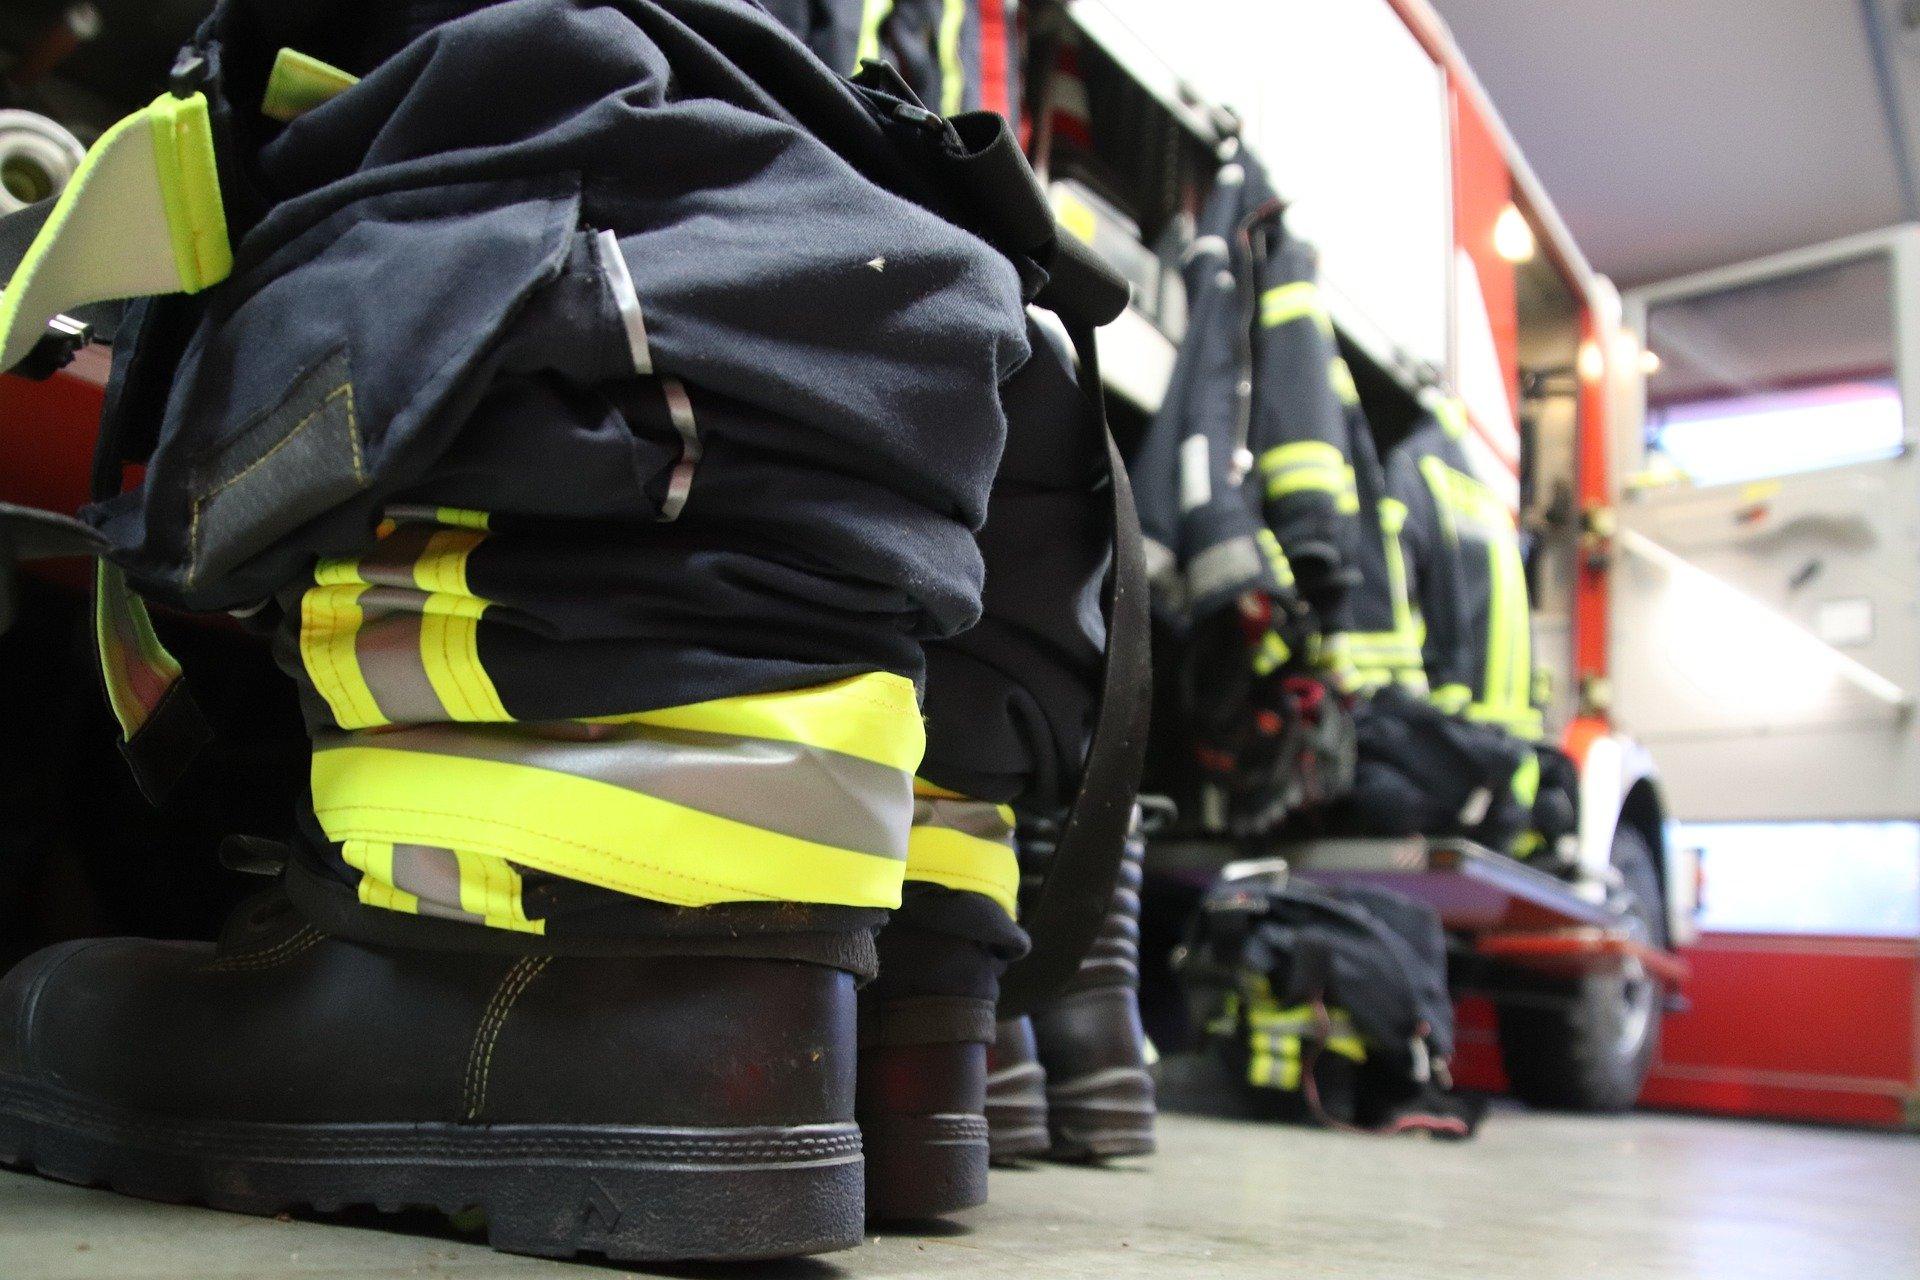 Feuerwehrstiefel in einer Fahrzeughalle